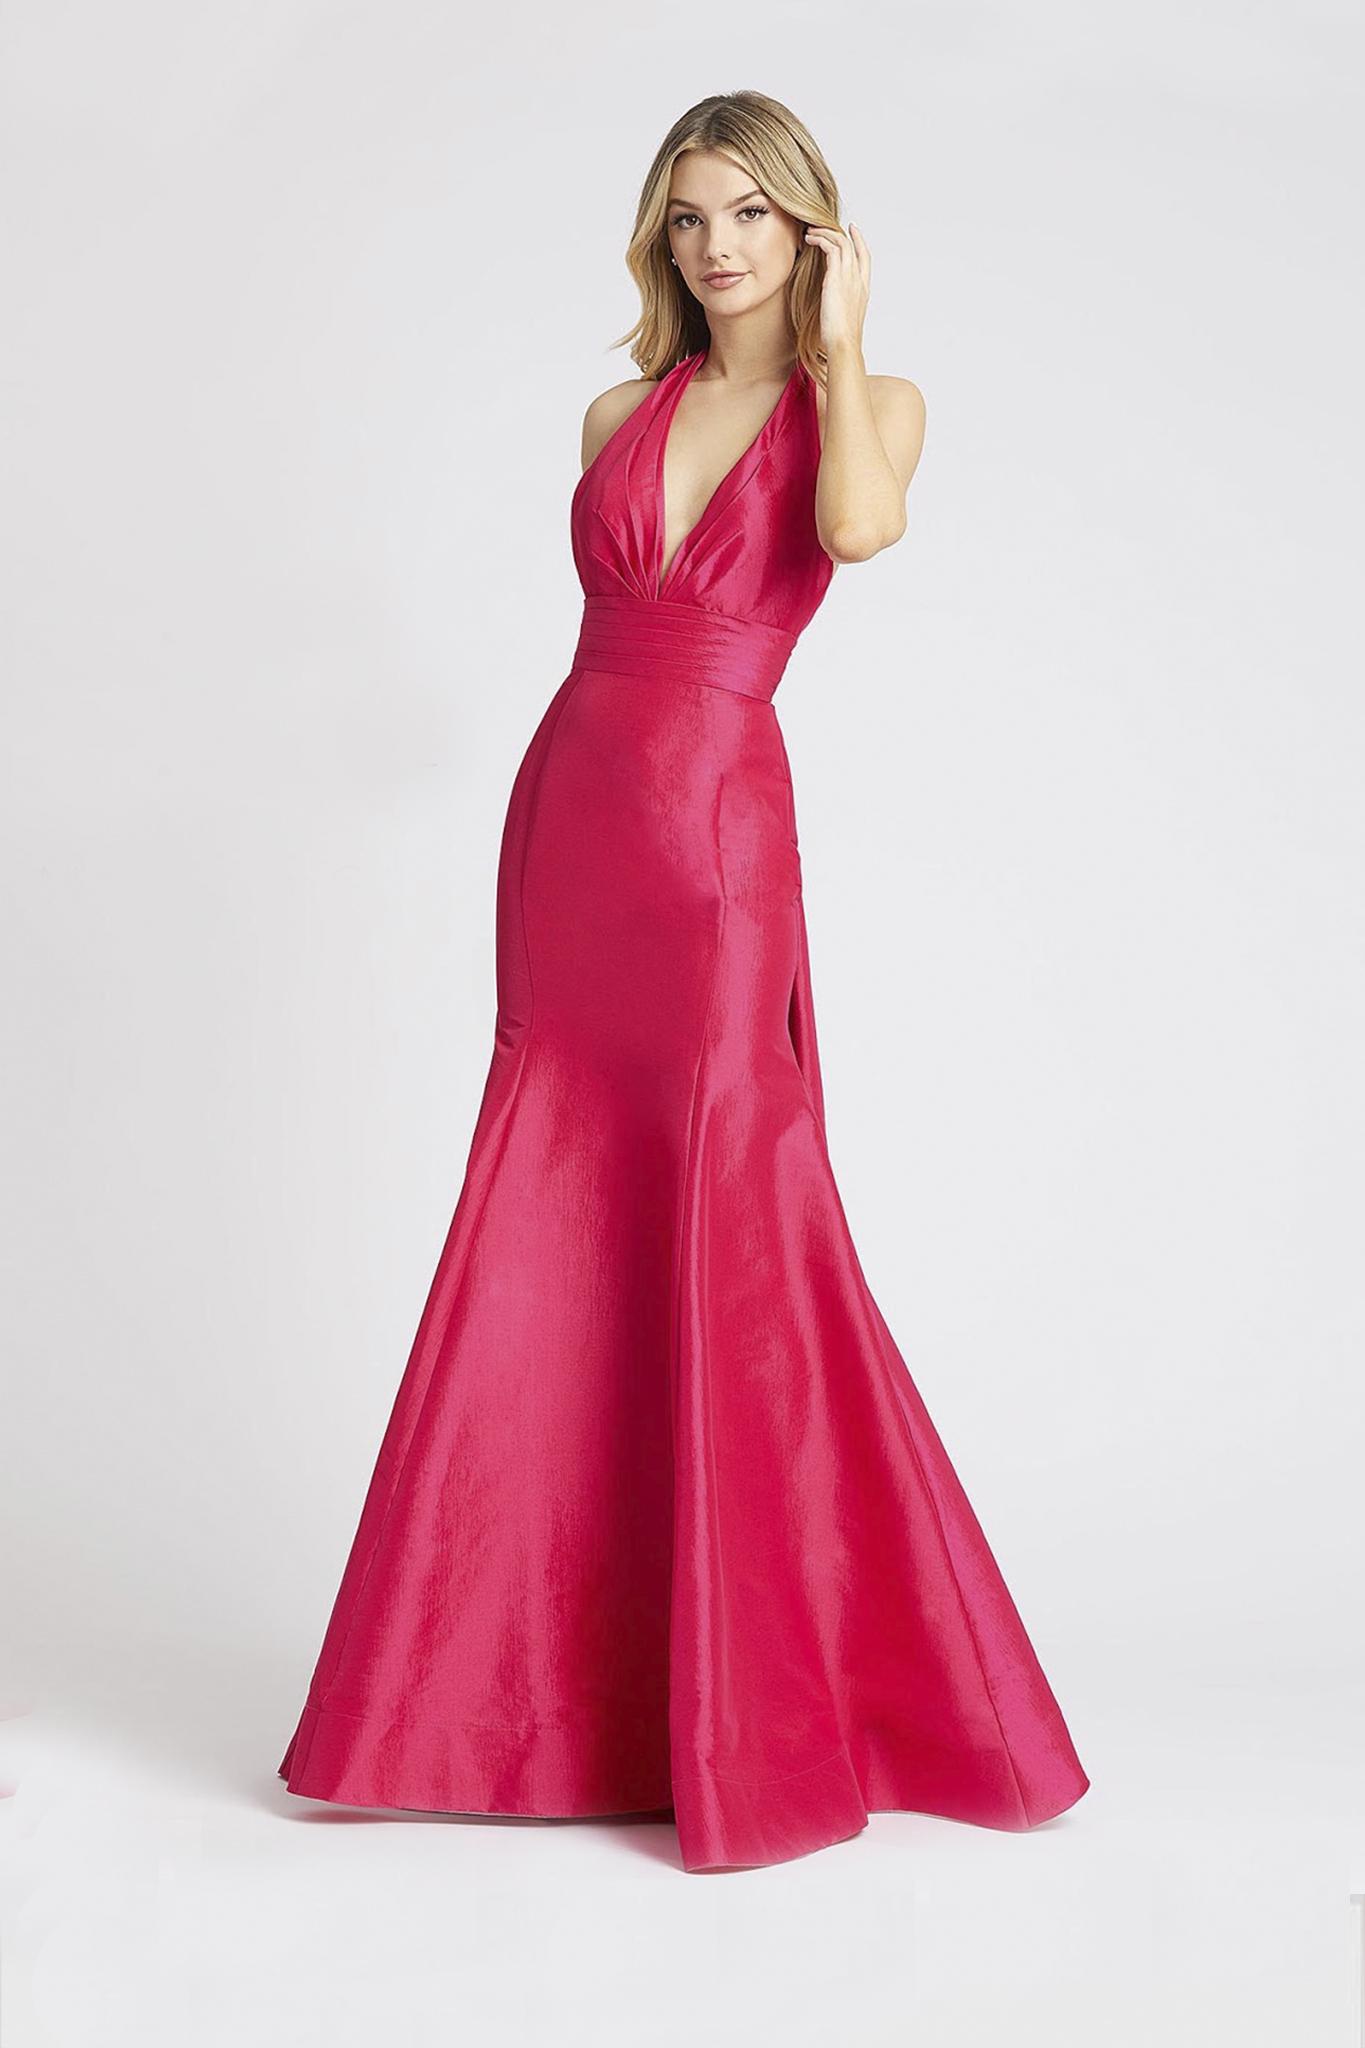 Длинное платье в розовом цвете с вырезом на спине